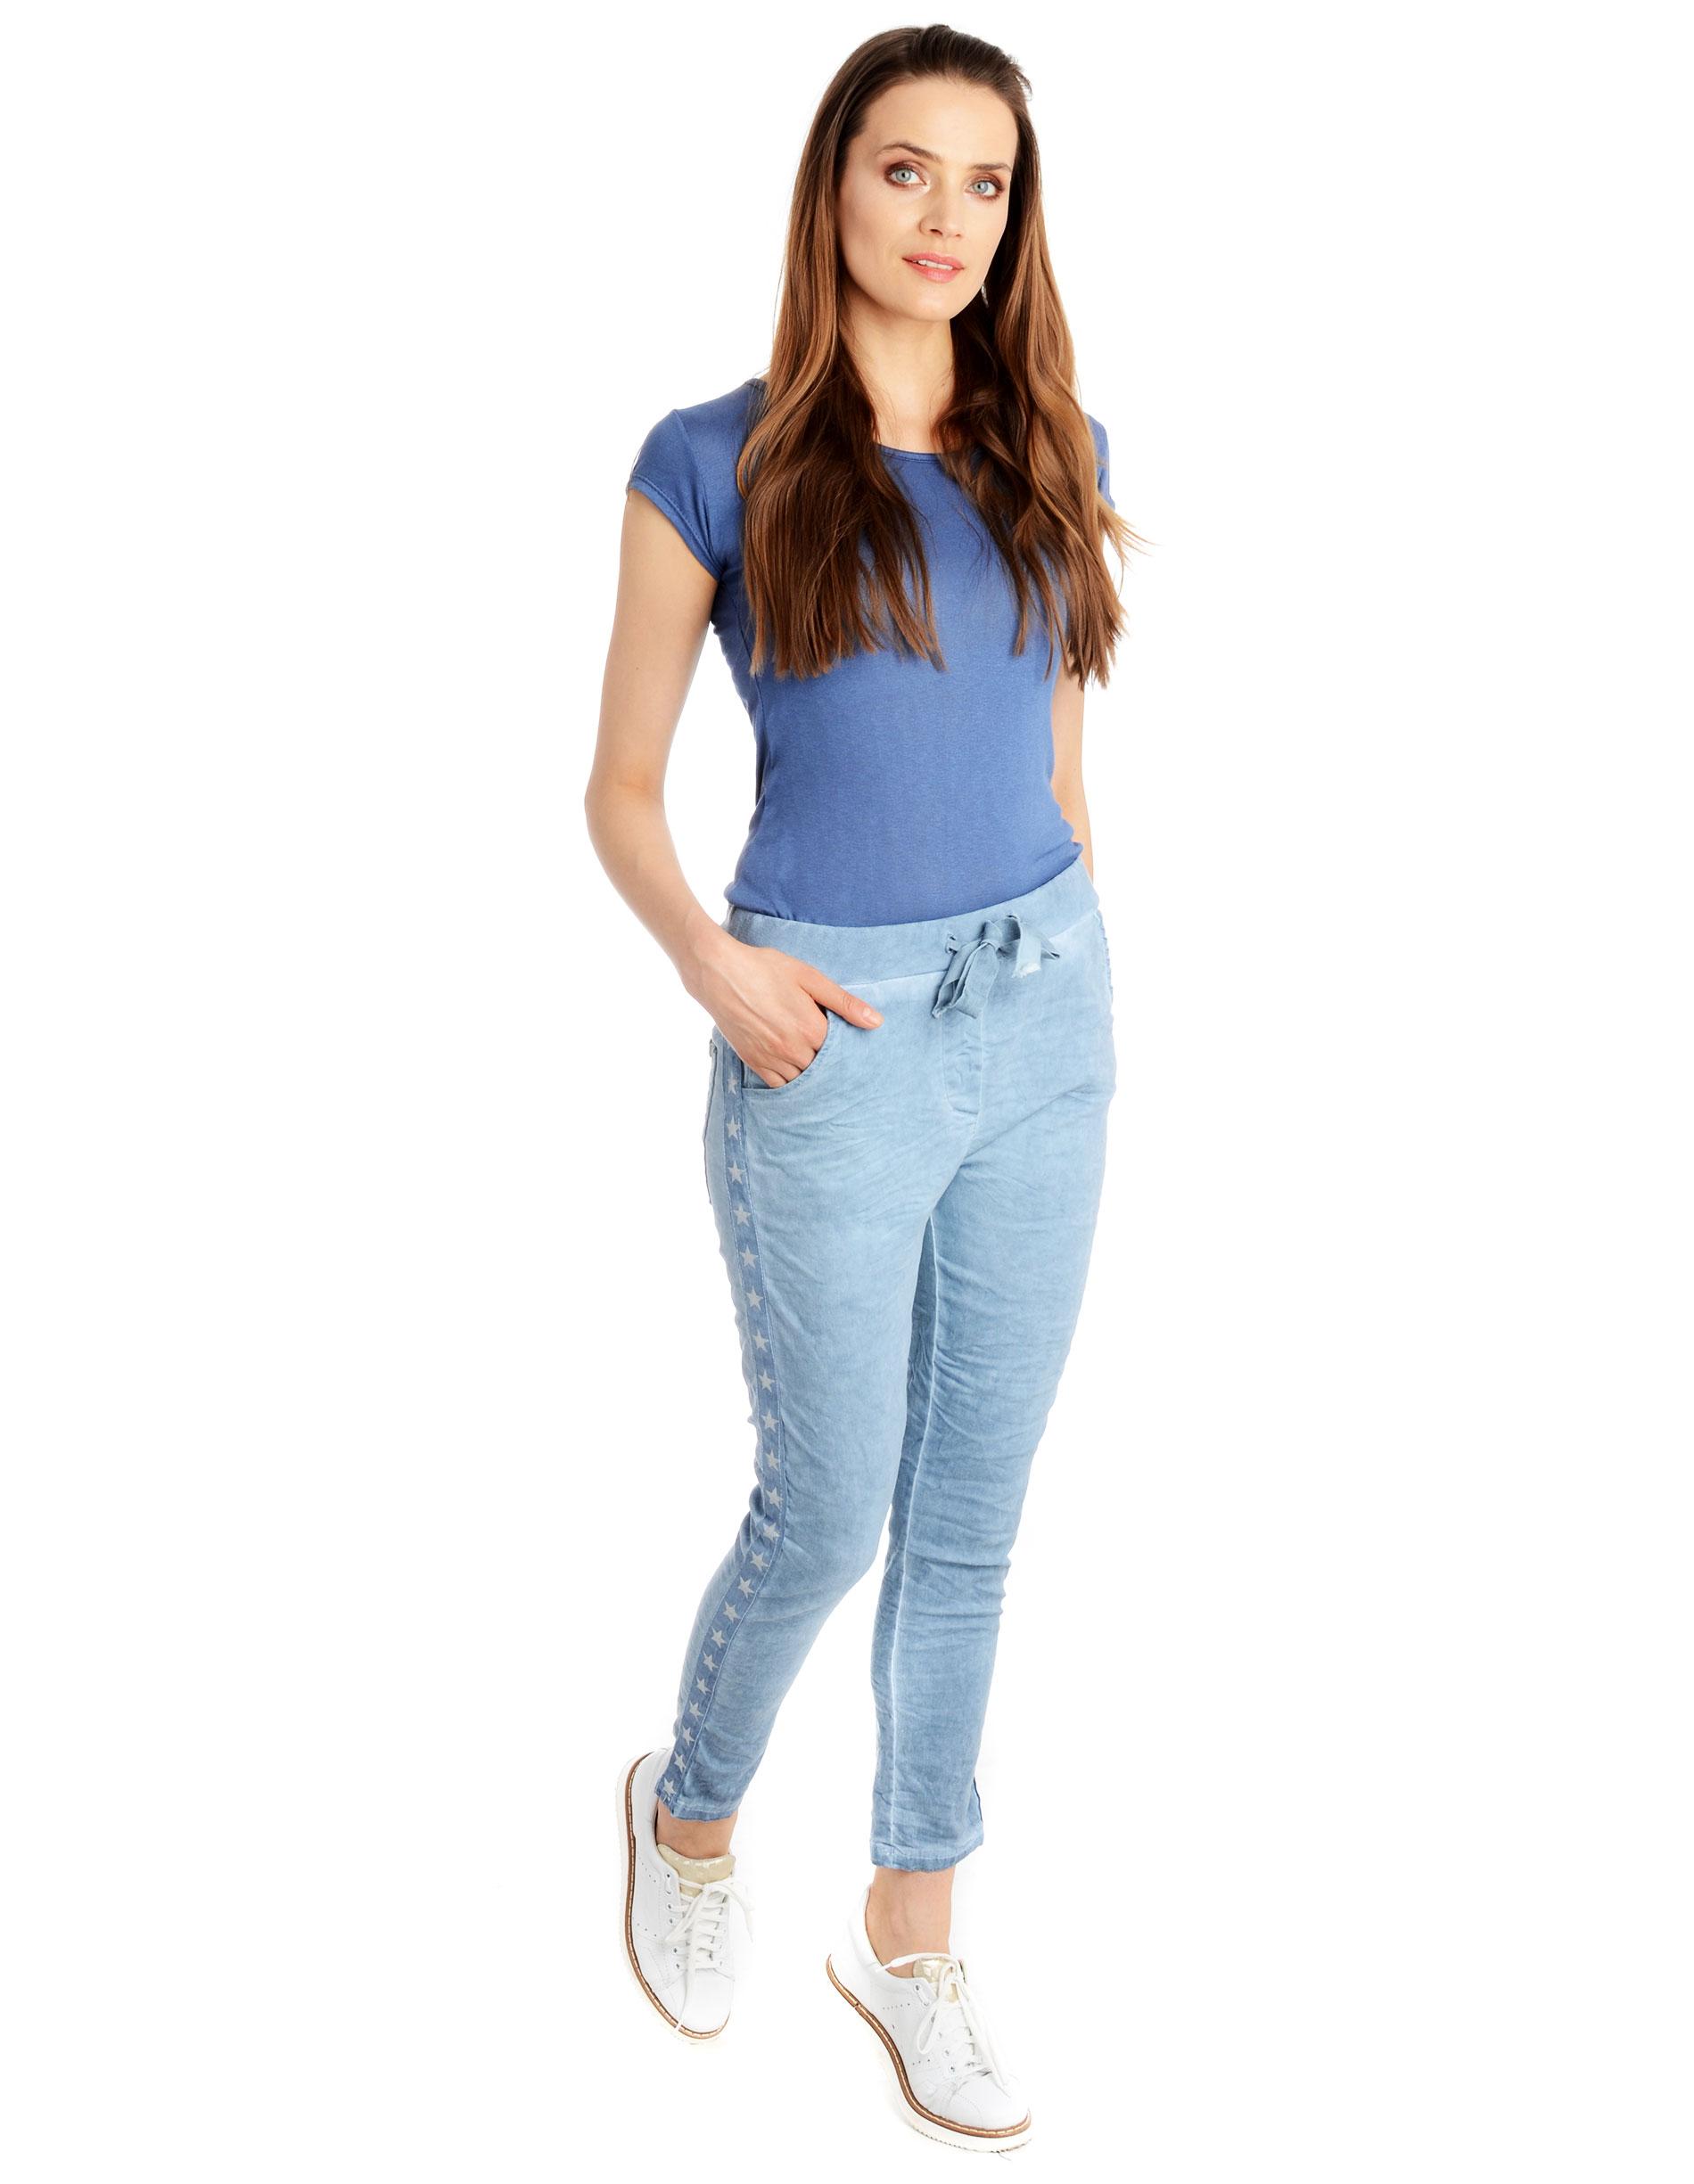 Spodnie - 137-3277 JEAN - Unisono